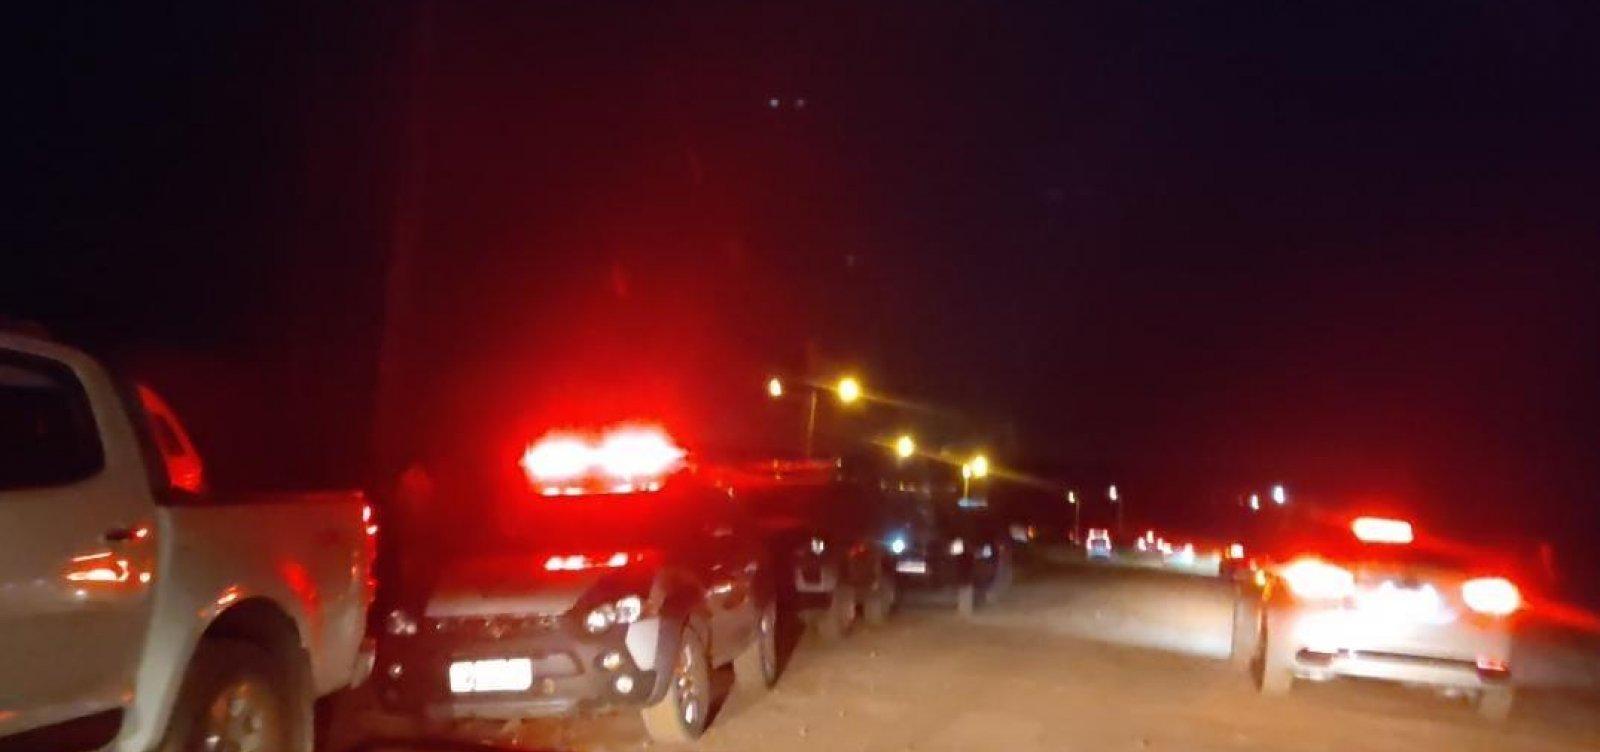 Polícia encerra festa com mais de mil pessoas no interior da Bahia